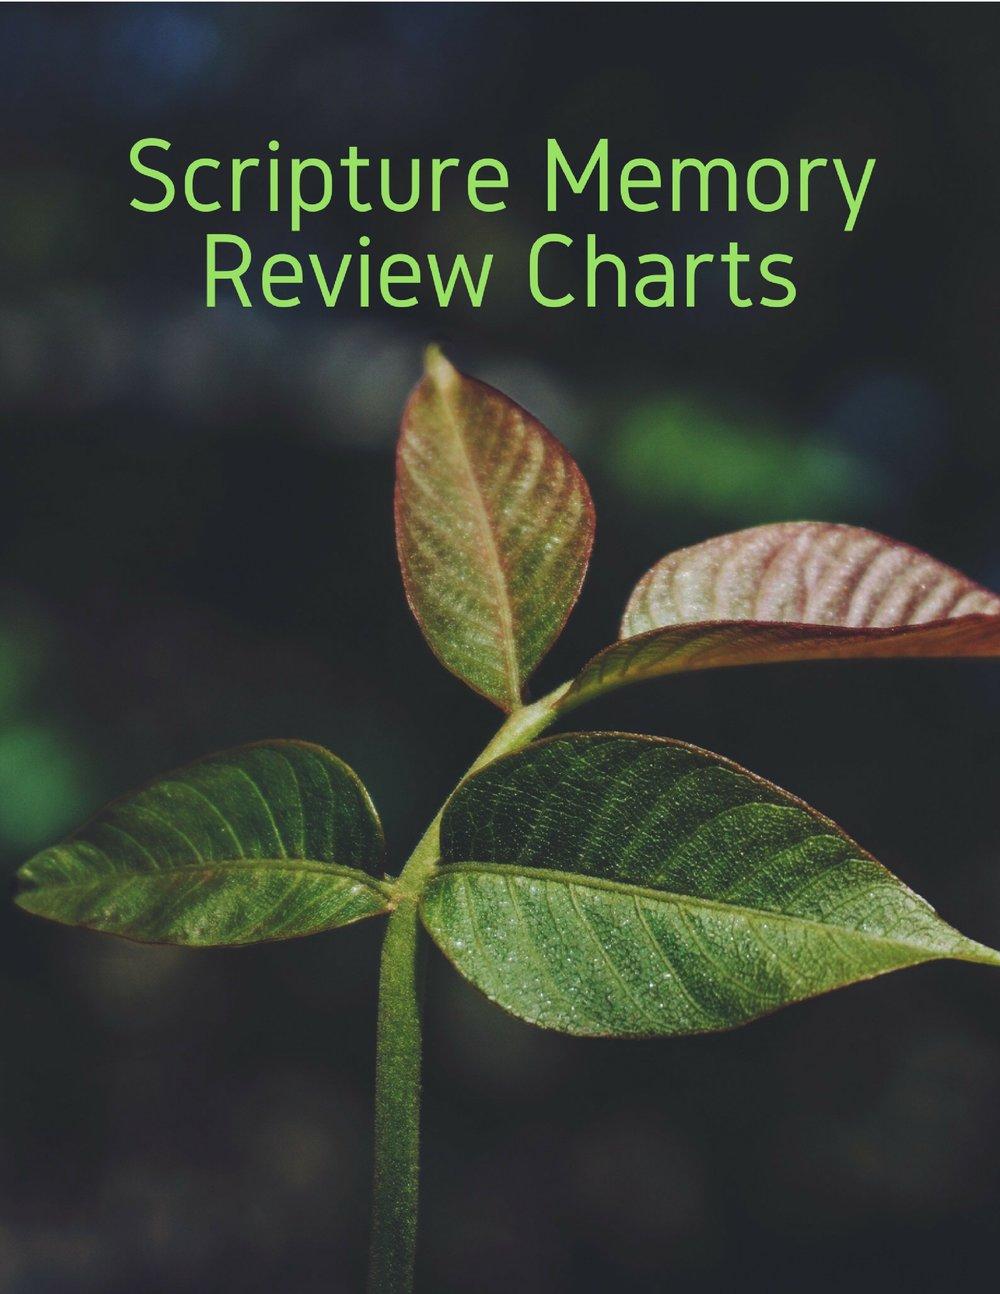 Scripture Memory (1).jpg